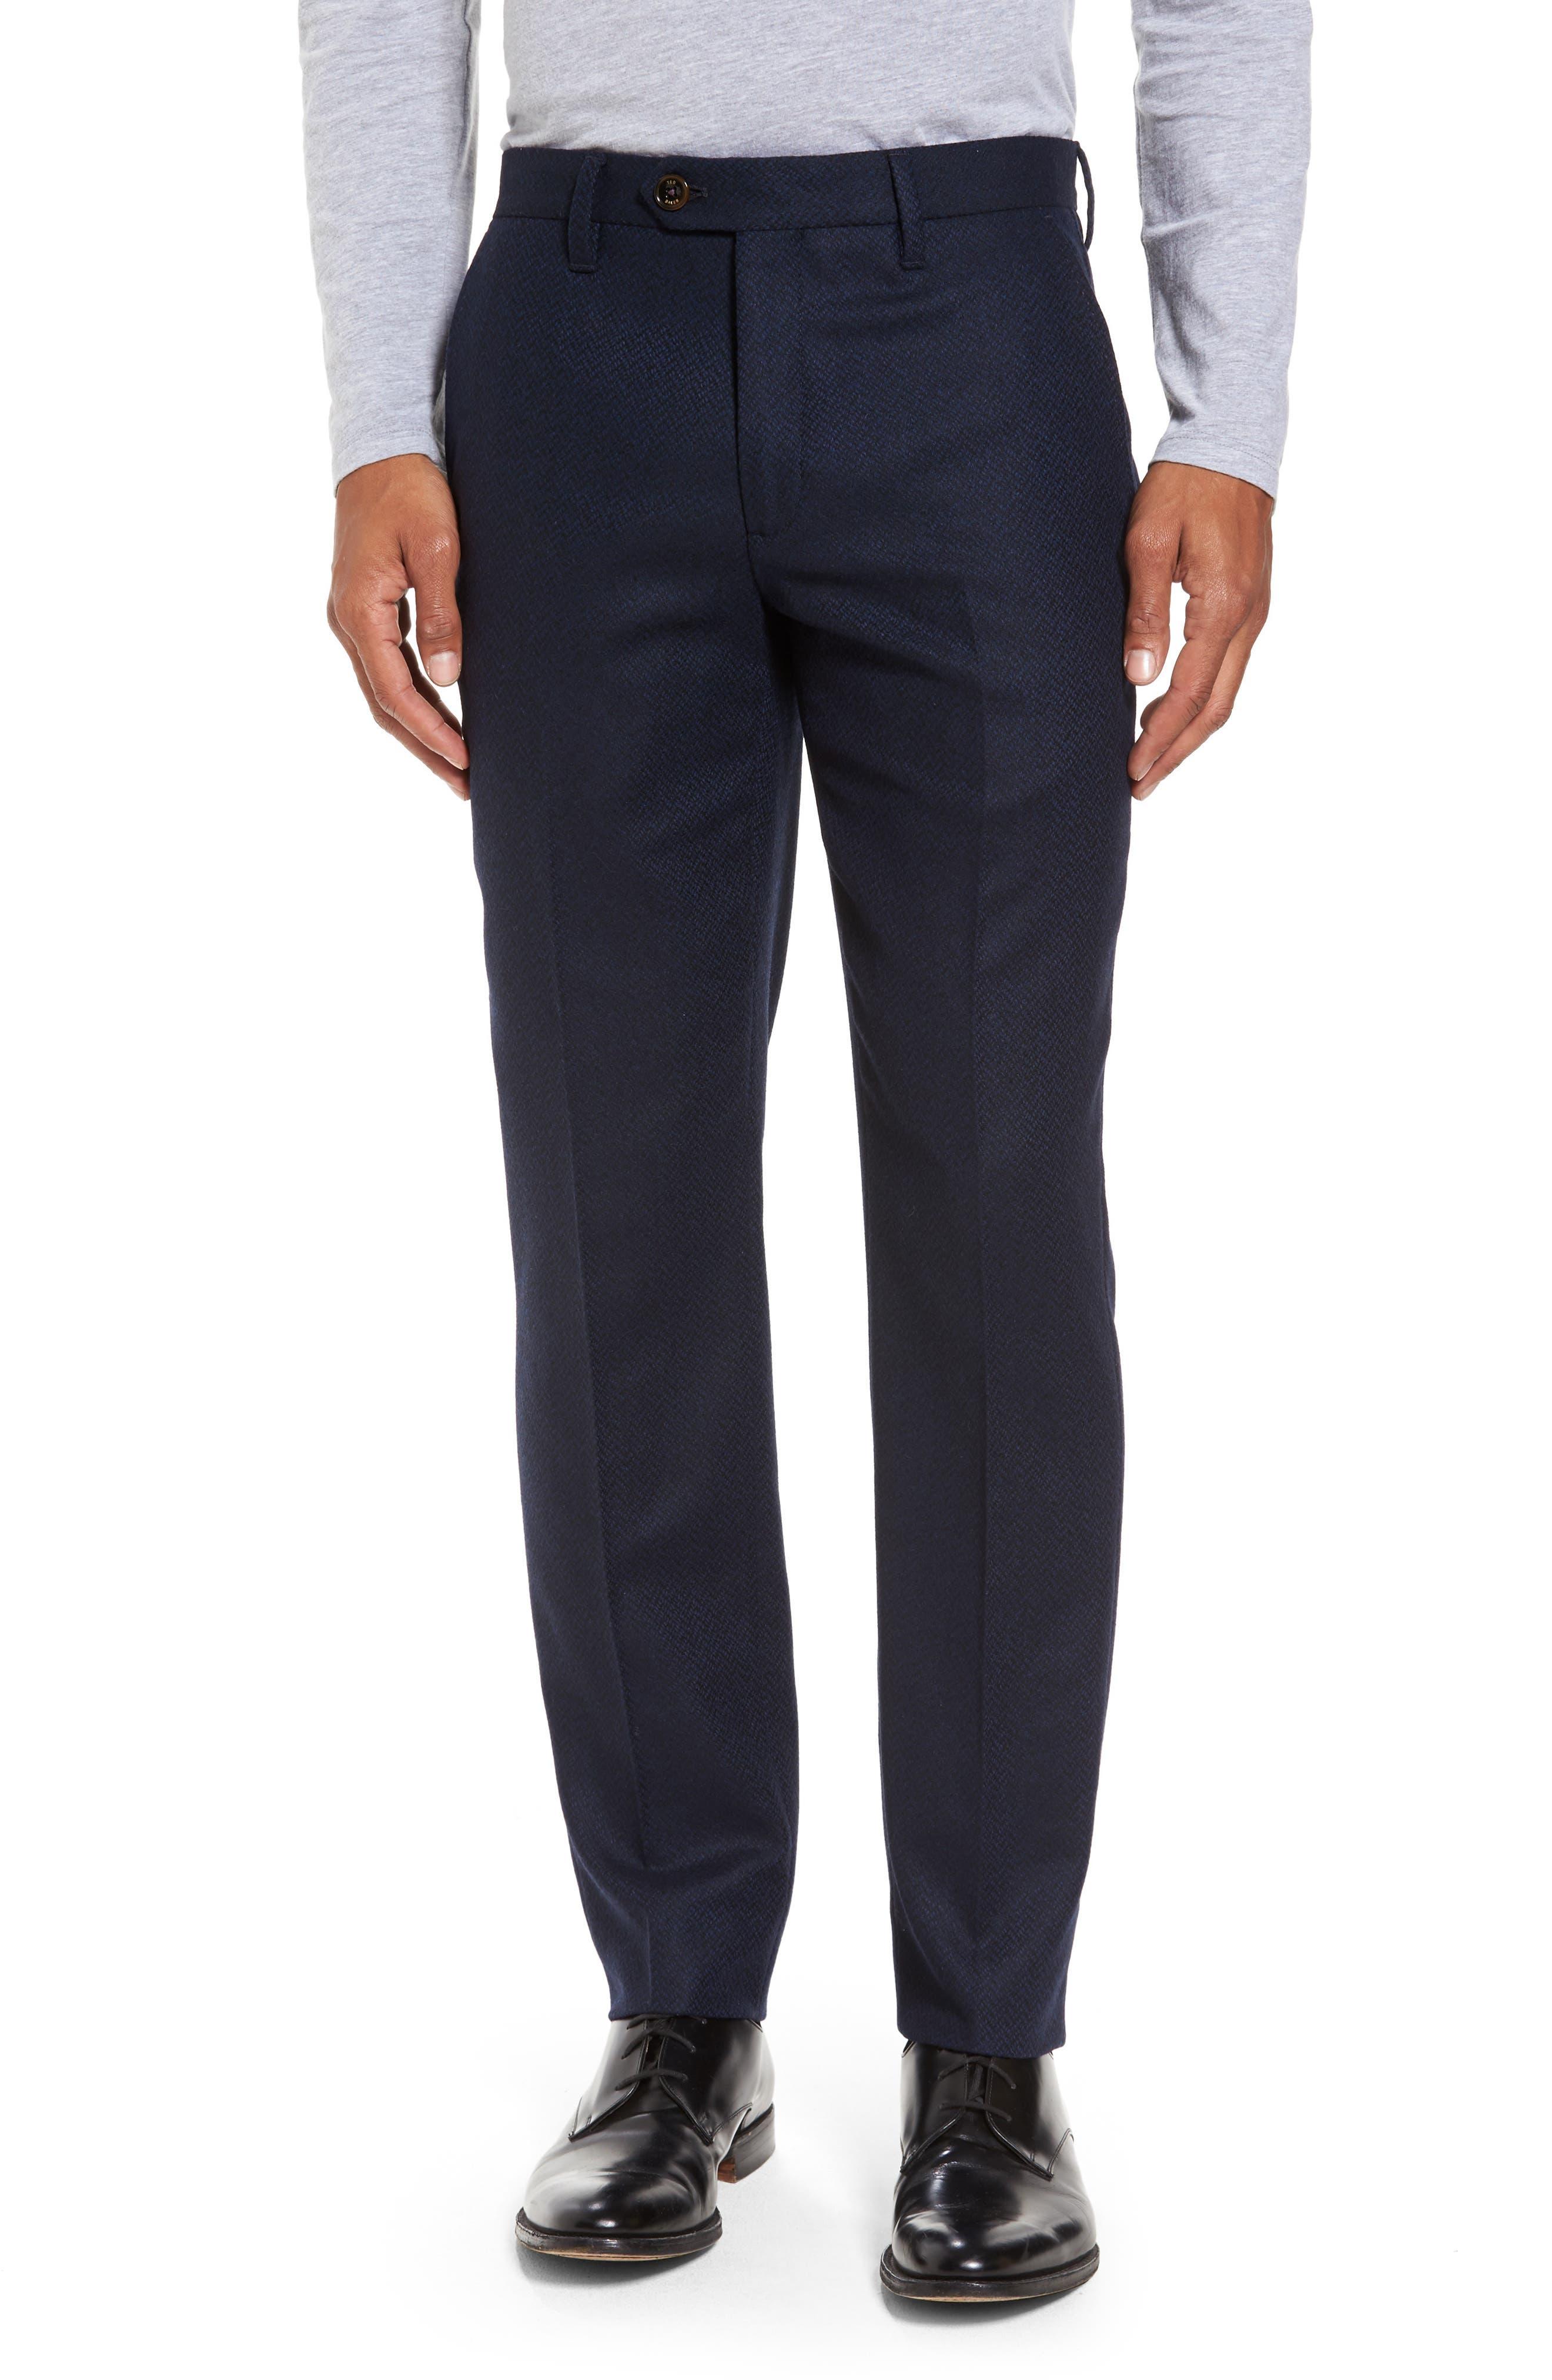 Glentro Semi Plain Wool Blend Trousers,                             Main thumbnail 1, color,                             410